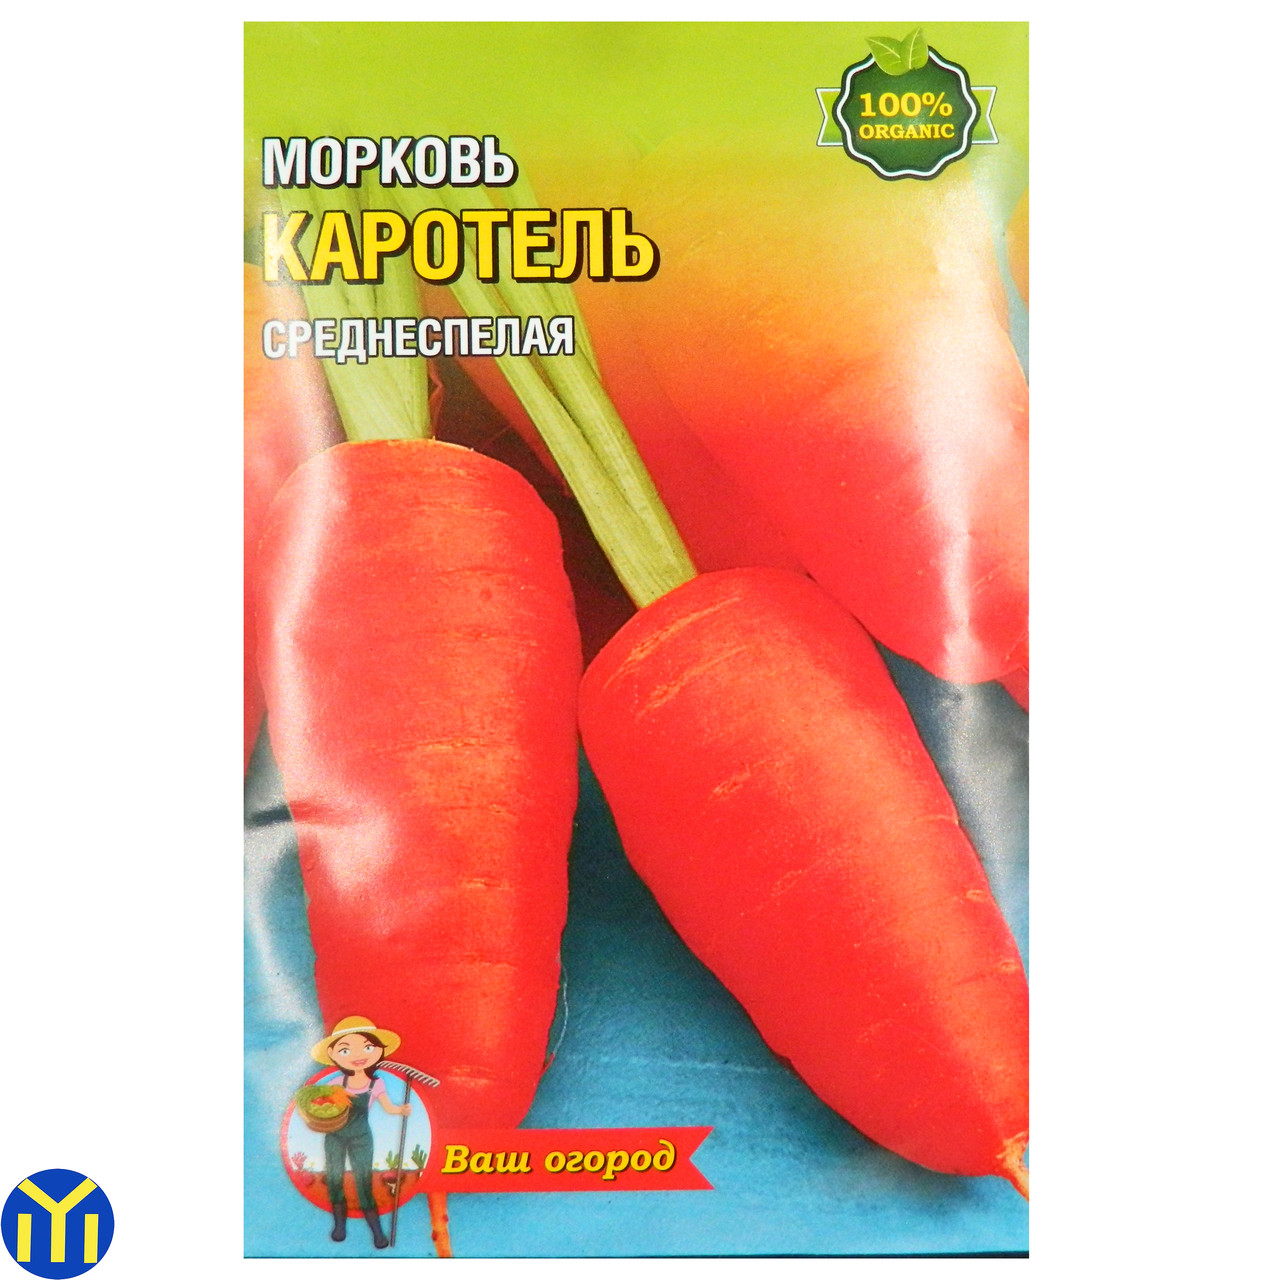 Семена морковь Каротель, Среднеспелая